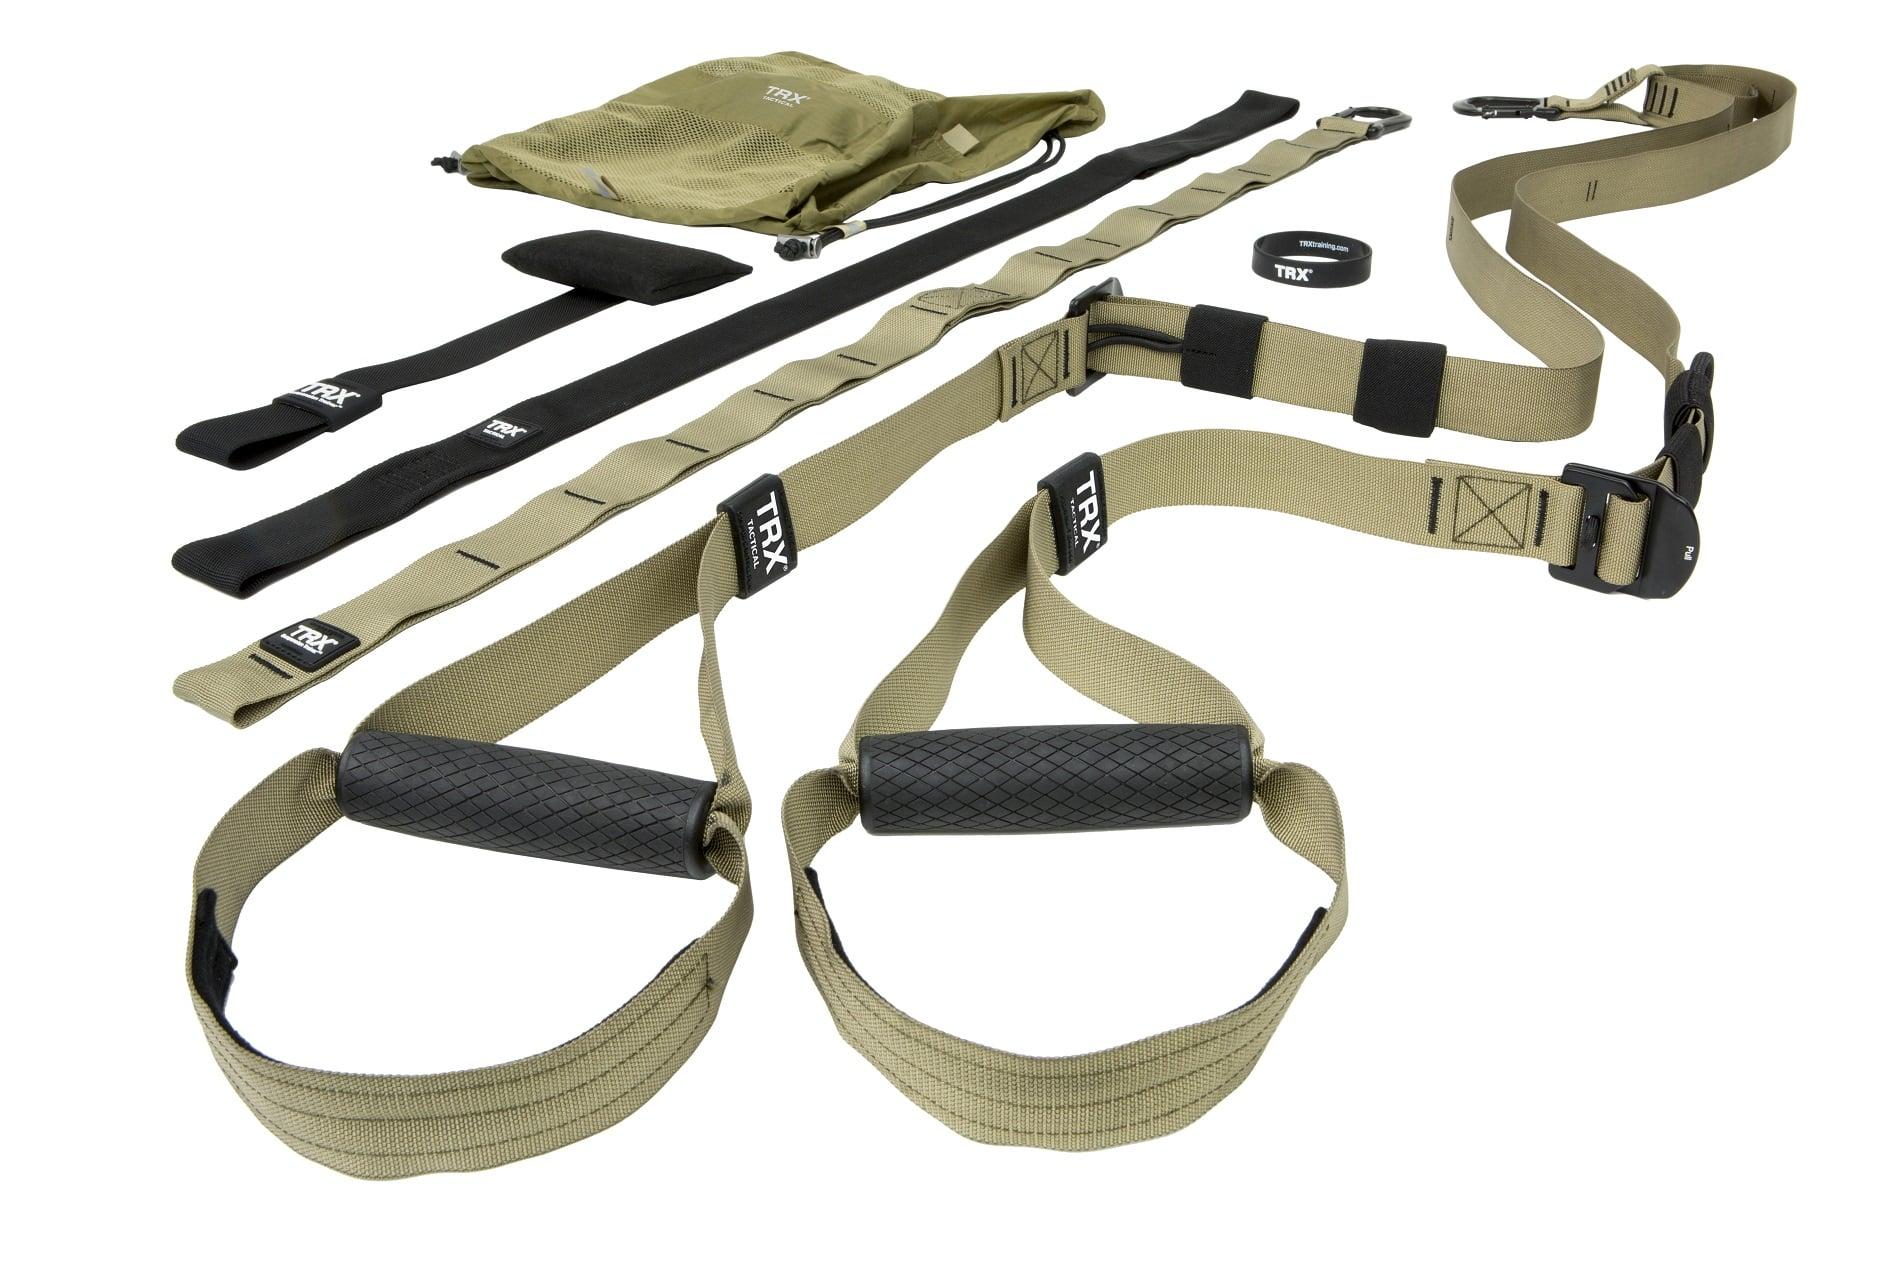 TRX / Функциональный тренинг / Кроссфит: Петли TRX Tactical Gym оригинал